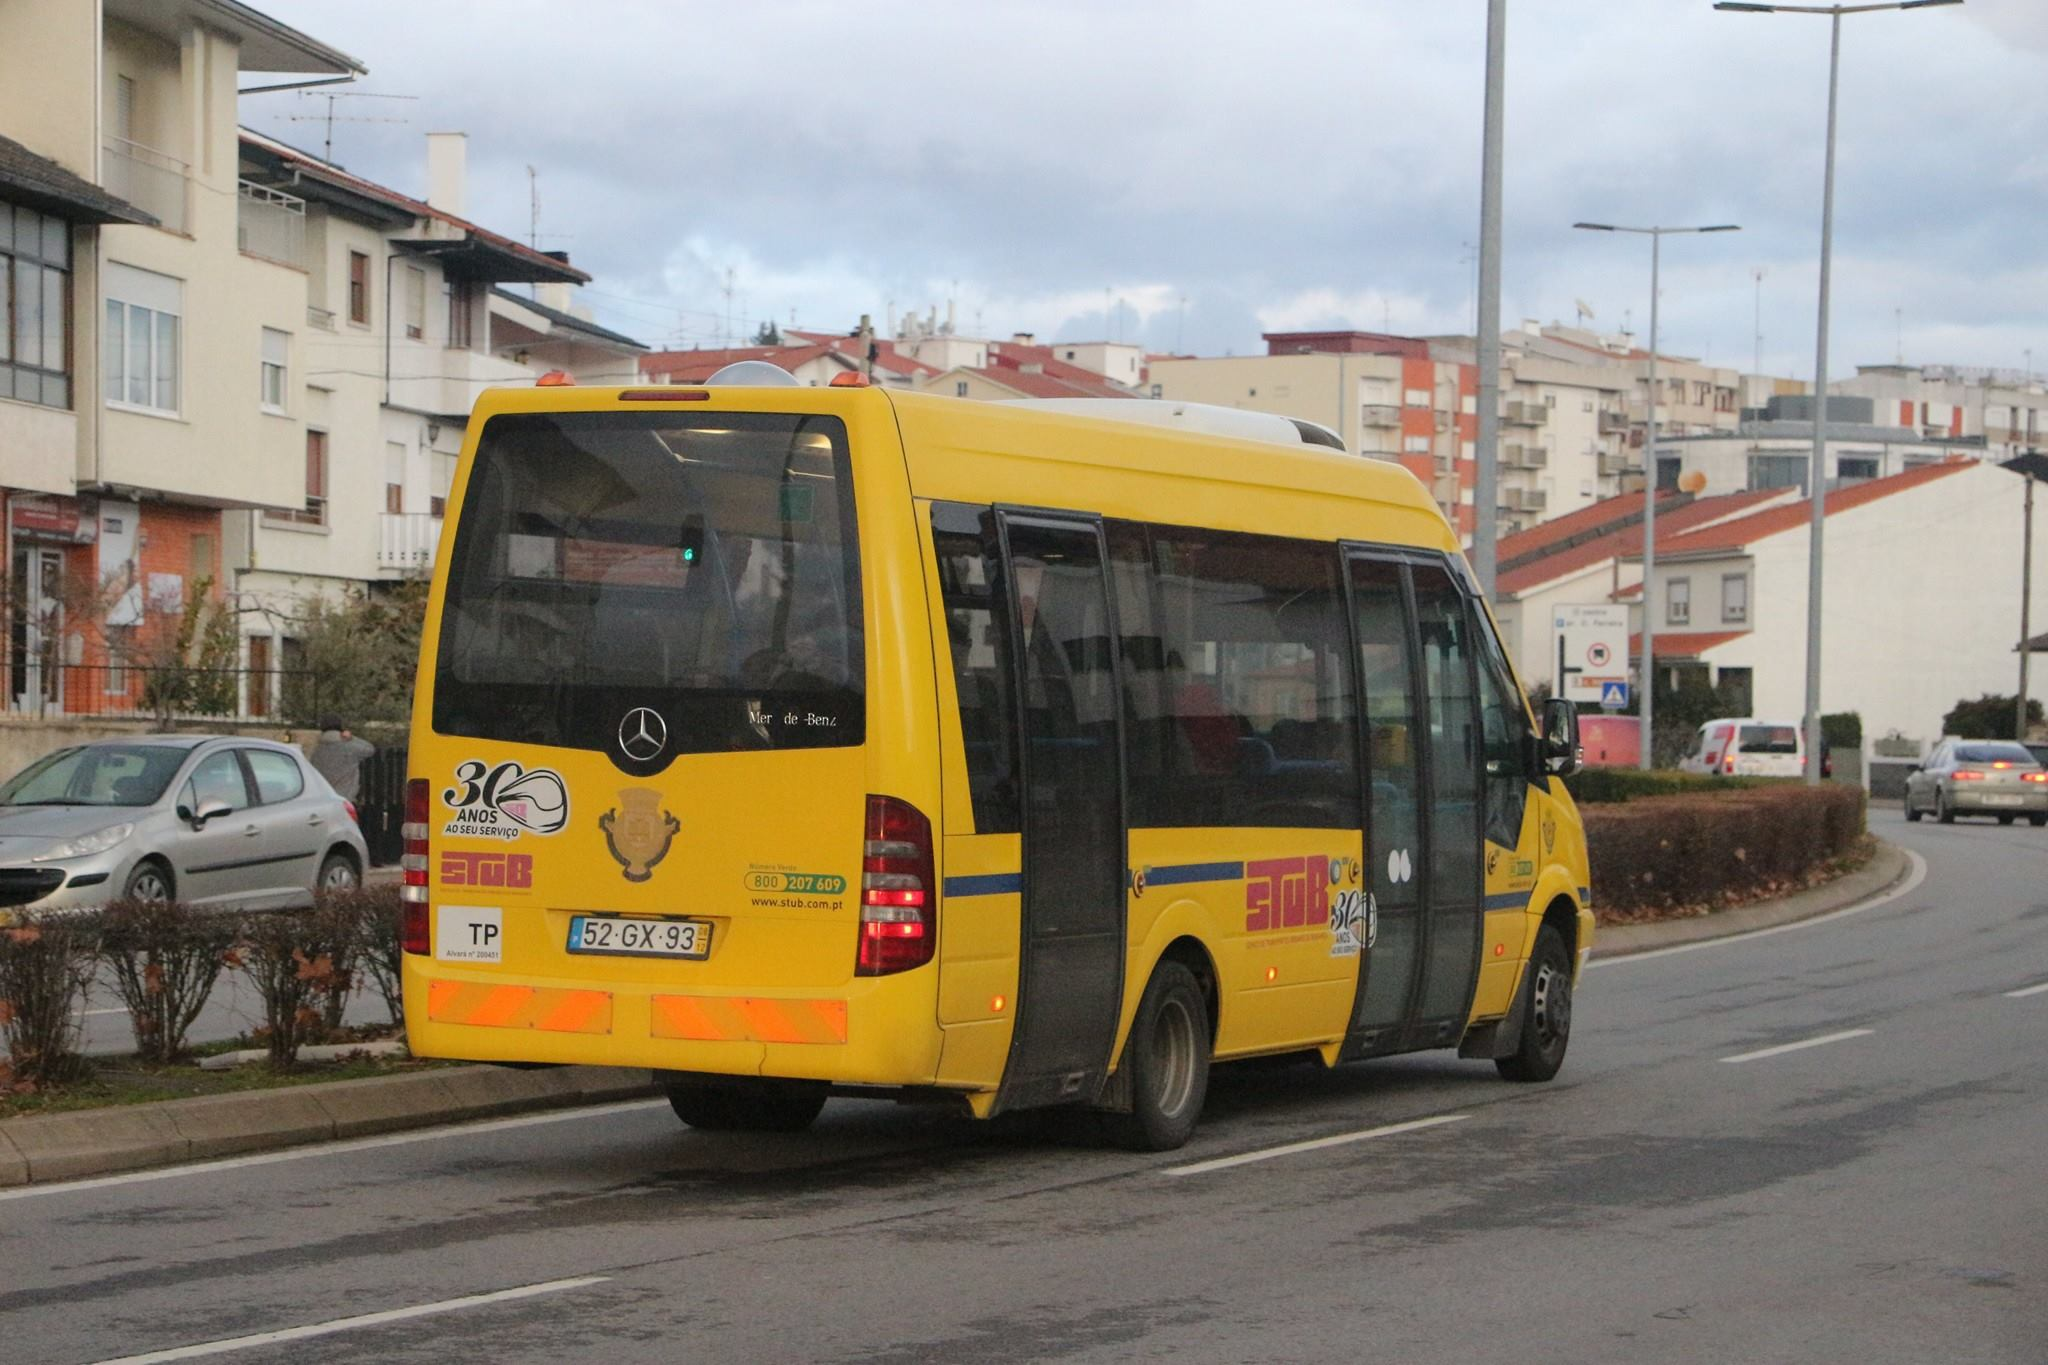 Concelhos de Bragança podem não ter viaturas suficientes para o transporte escolar